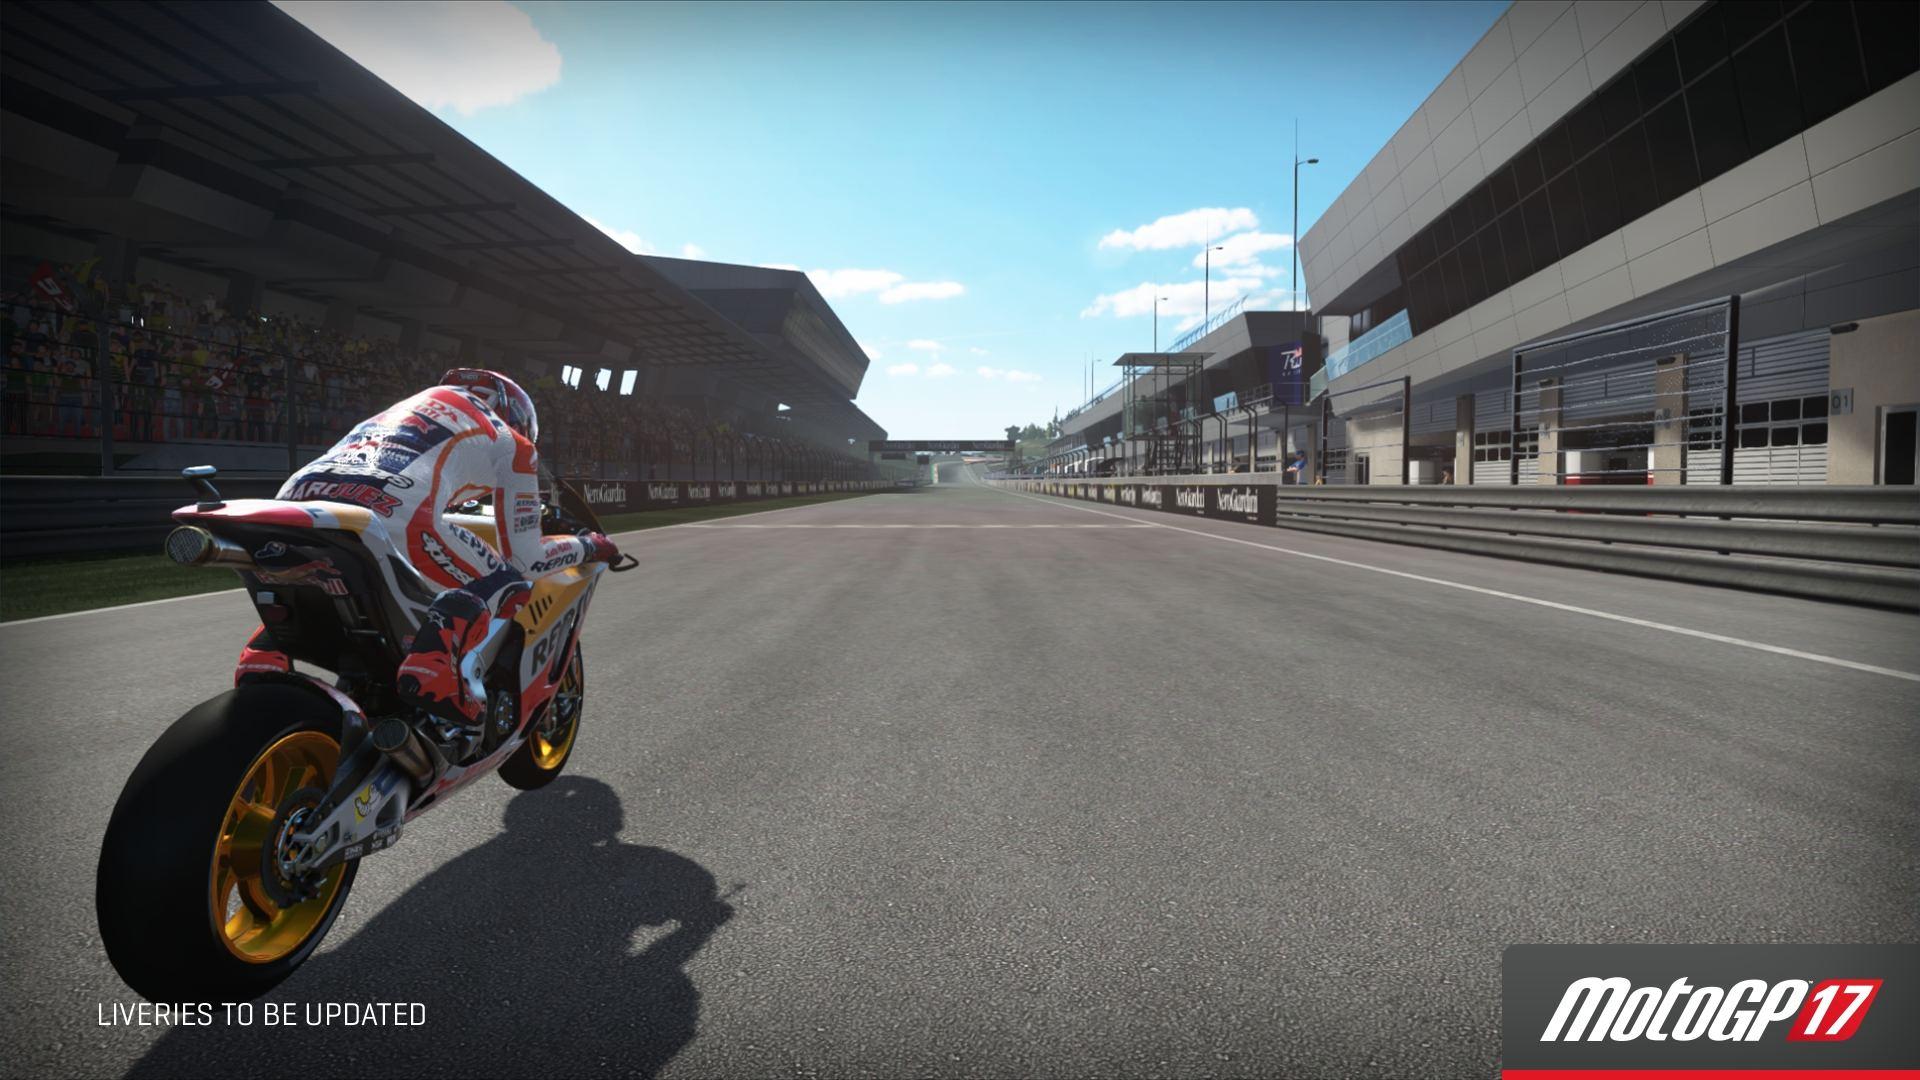 MotoGP 17 - Bild 7 | playm.de